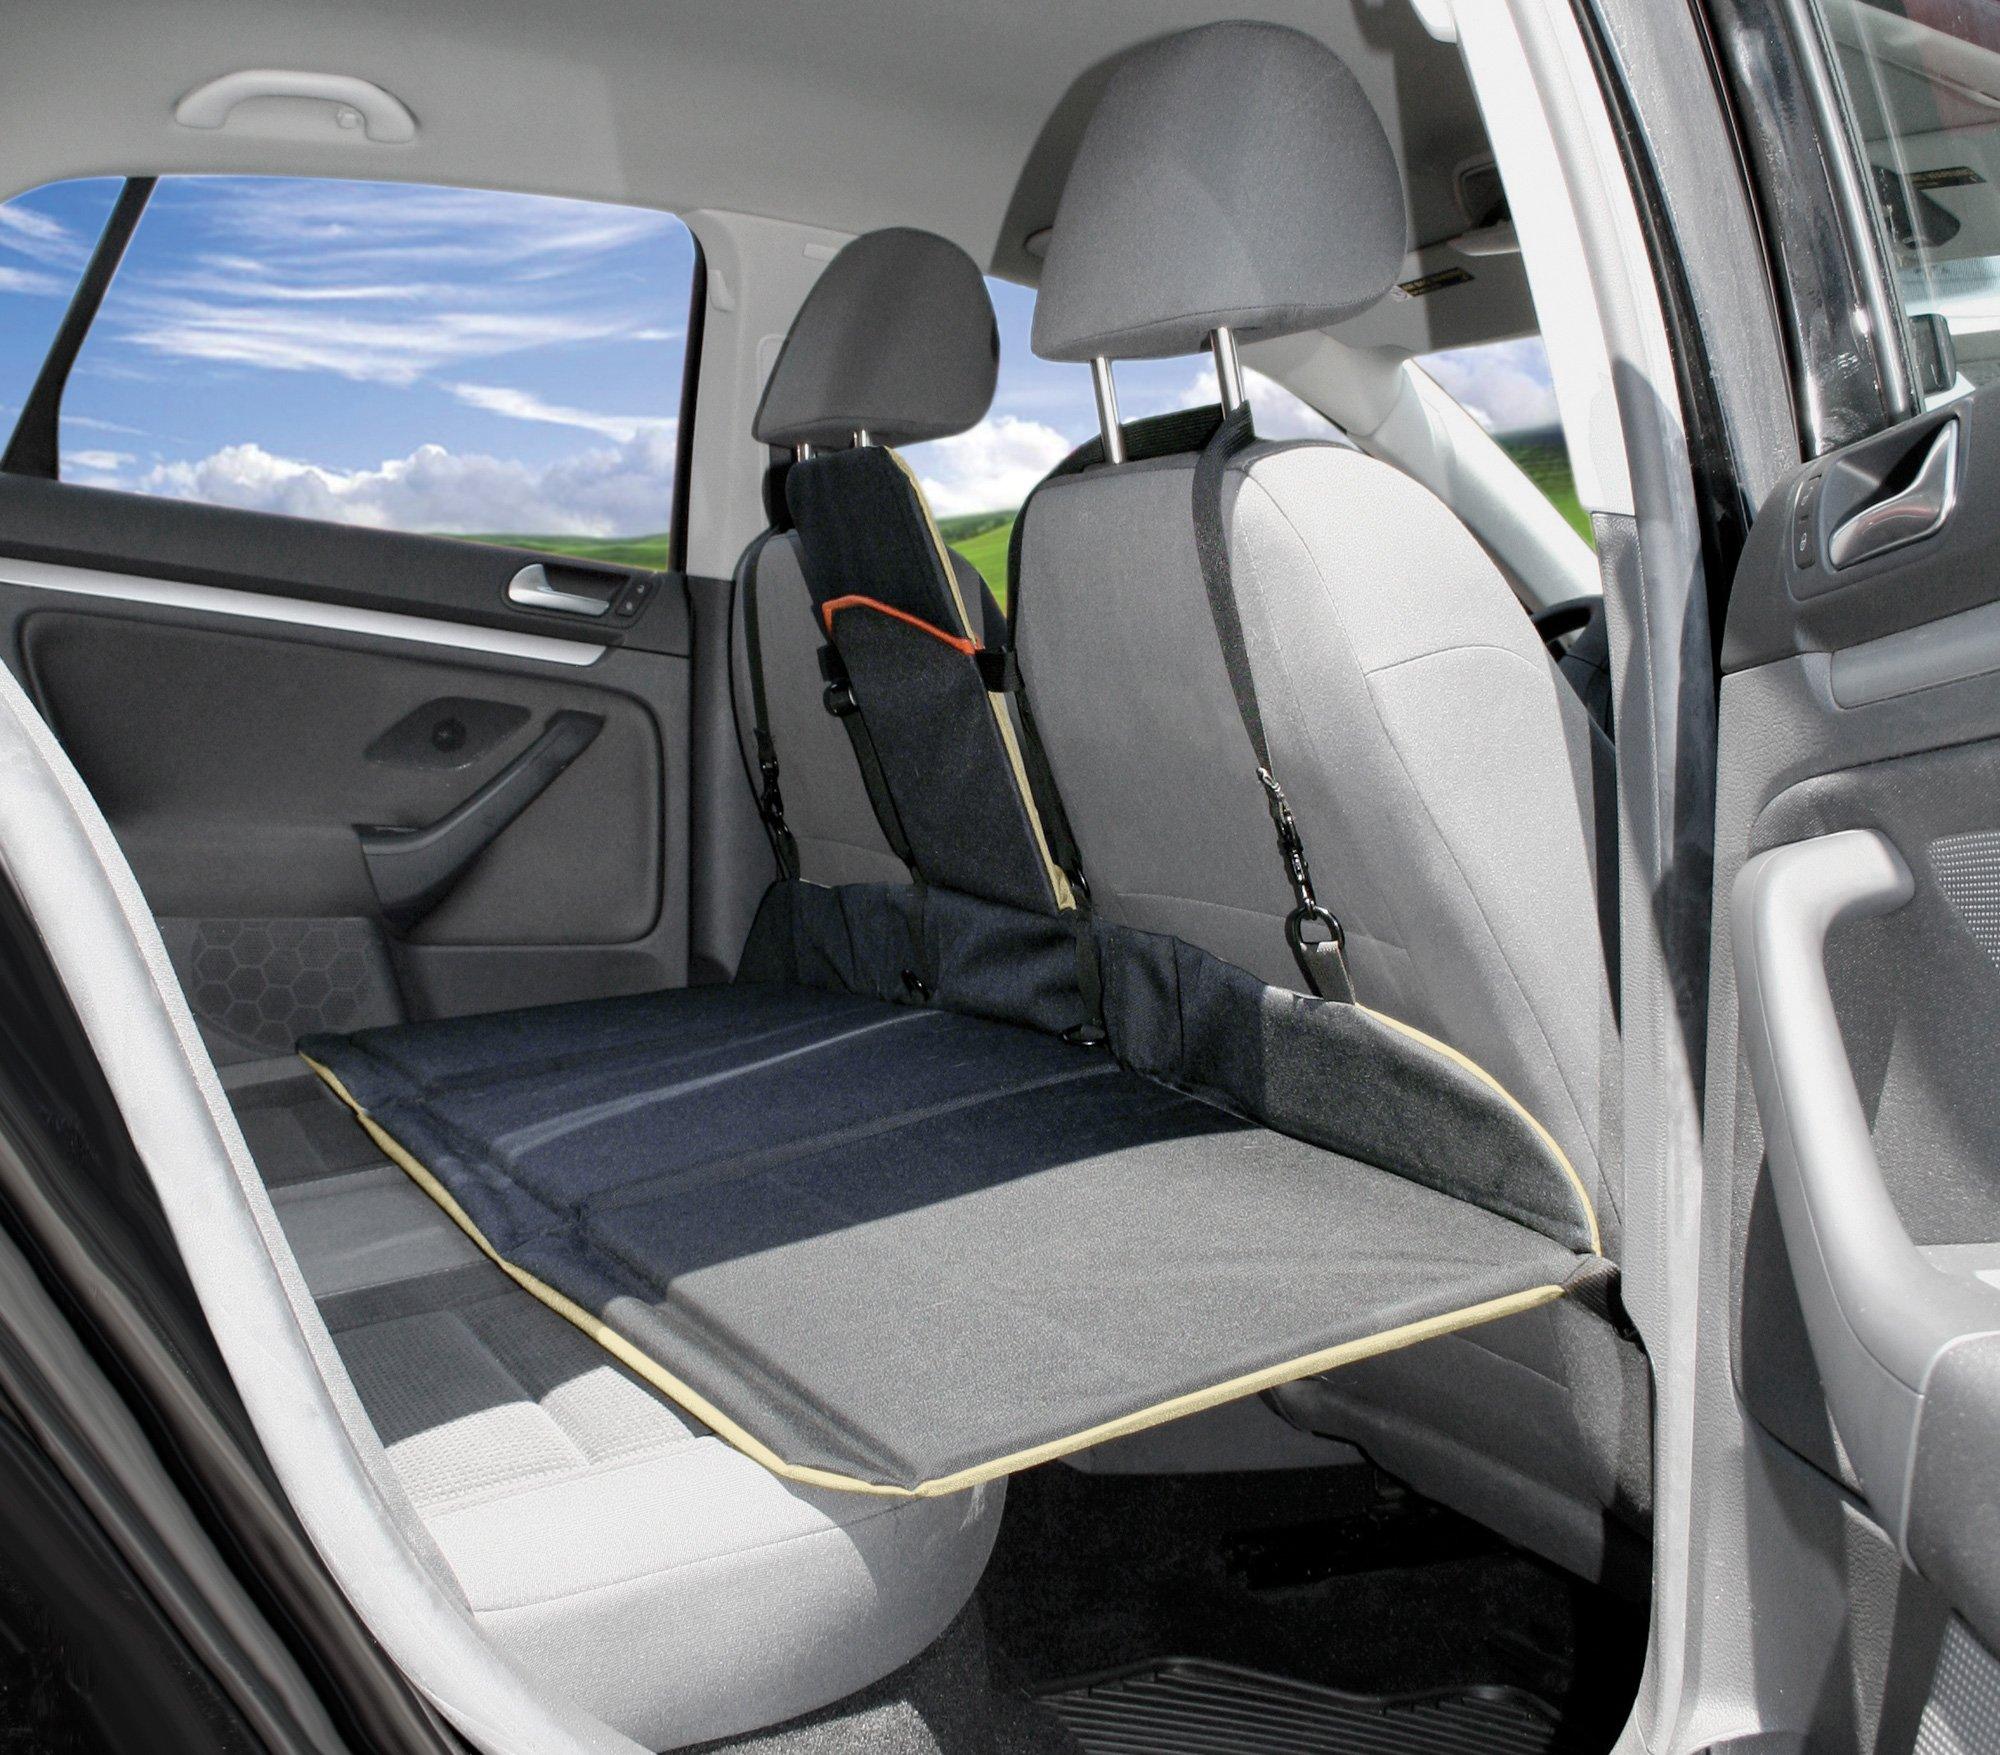 Kurgo Backseat Reversible Dog Bridge Car Extender — Water Resistant — Universal Fit by Kurgo (Image #2)